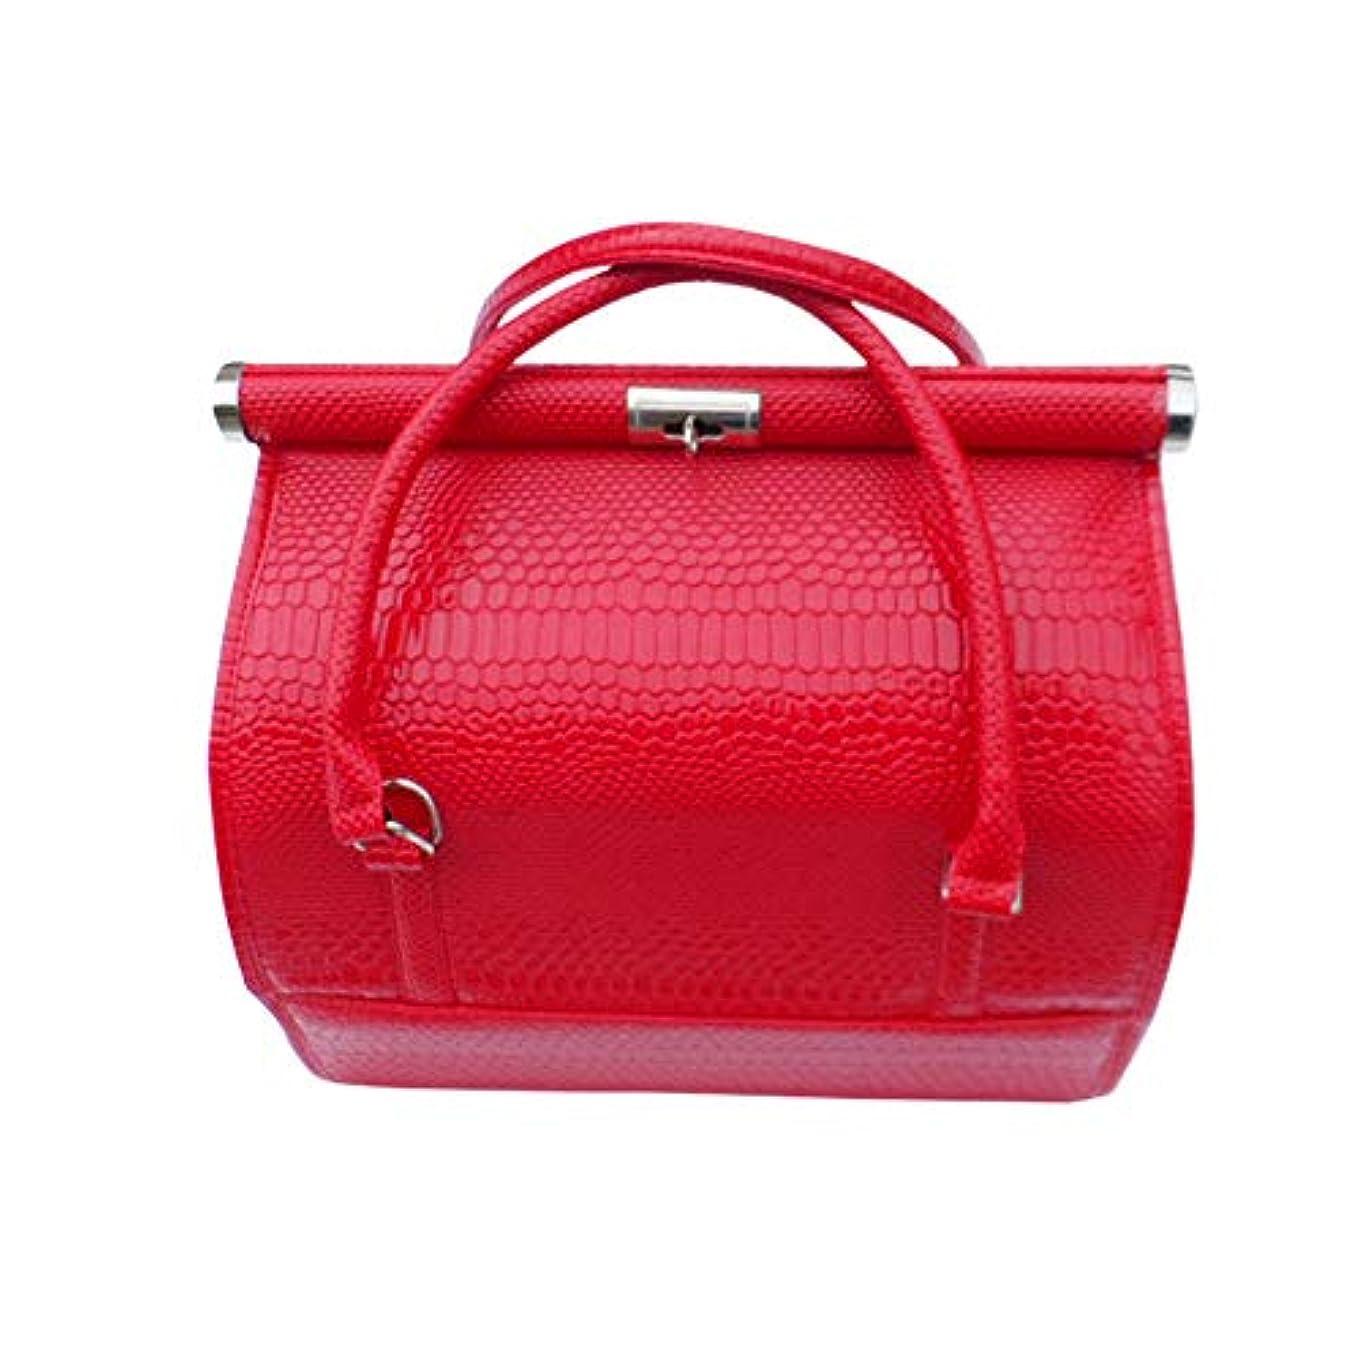 パスタ番目化粧化粧オーガナイザーバッグ 女性の女性のための美容メイクアップのためのポータブル化粧品バッグ旅行と折り畳みトレイで毎日のストレージ 化粧品ケース